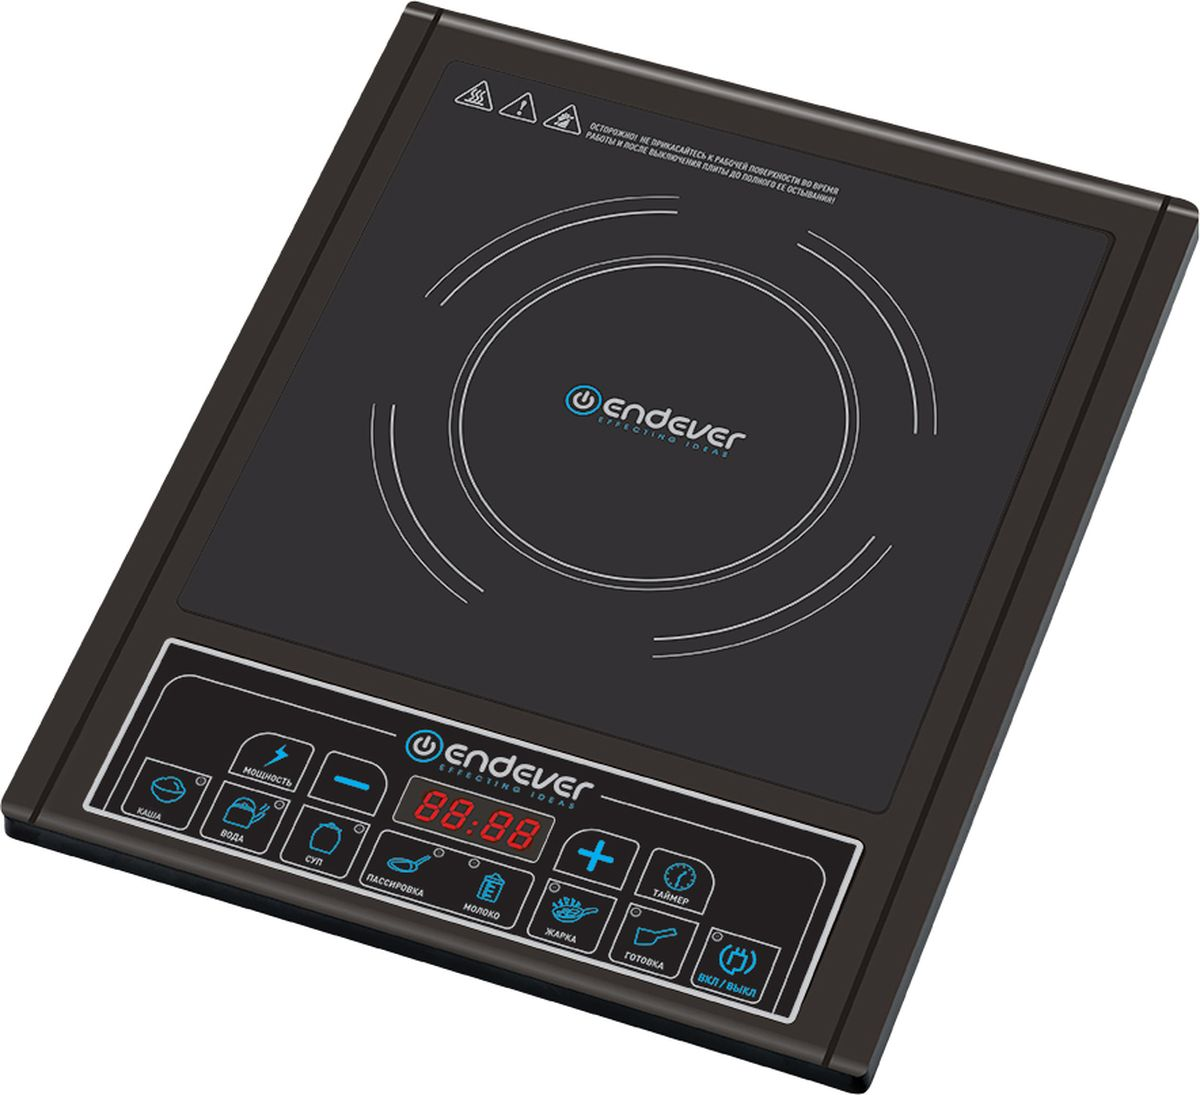 Endever IP-20, Black плитка электрическаяIP-20Особенности и дополнительные функции: LED - дисплейКерамическая варочная поверхность7 программ приготовленияТаймер работы до 3 часовФункция защиты от перегреваФункция защиты от скачков напряжения сетиТемпература нагревания до 270 °СДиаметр посуды от 12 до 25 смКомплект поставки:ПлиткаРуководство по эксплуатацииГарантийный талон